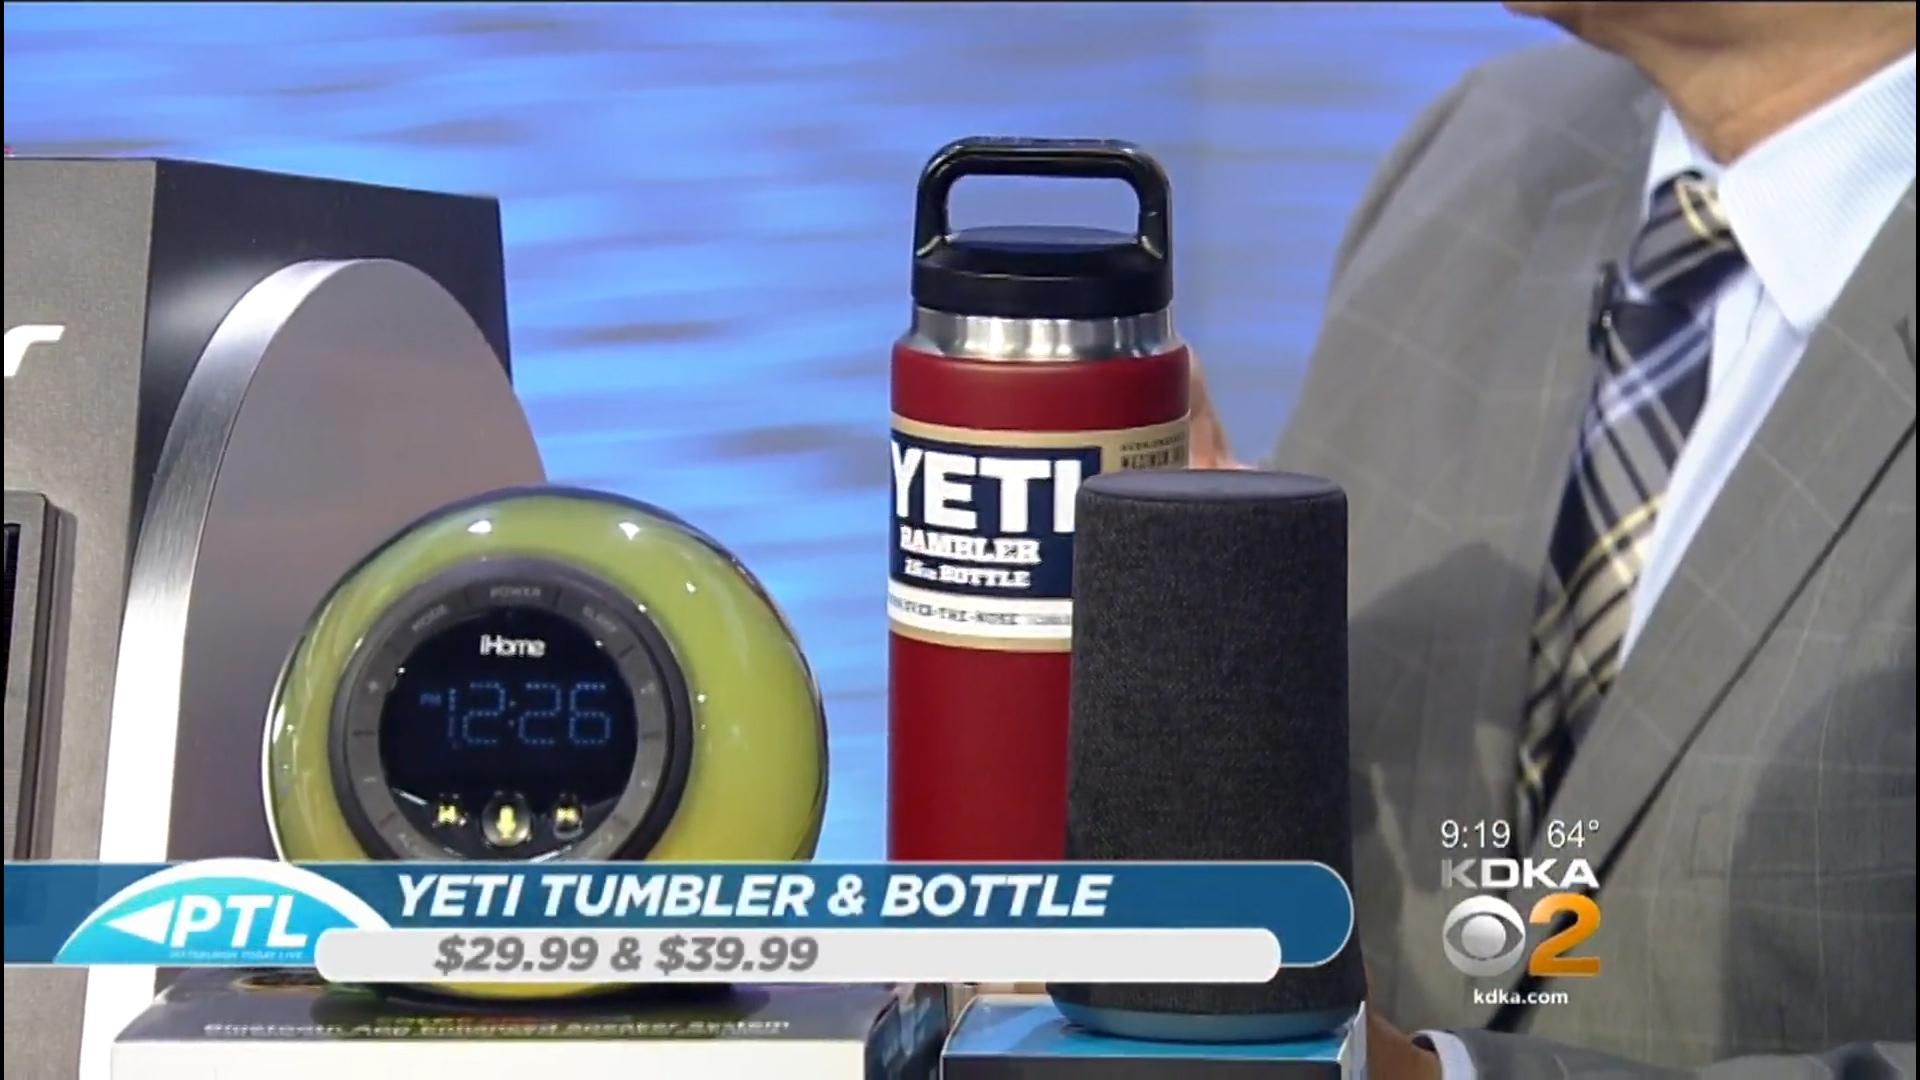 YETI RAMBLERS 20Oz. TUMBLER & 24 oz. BOTTLE - $29.99 & $39.99Shop Now